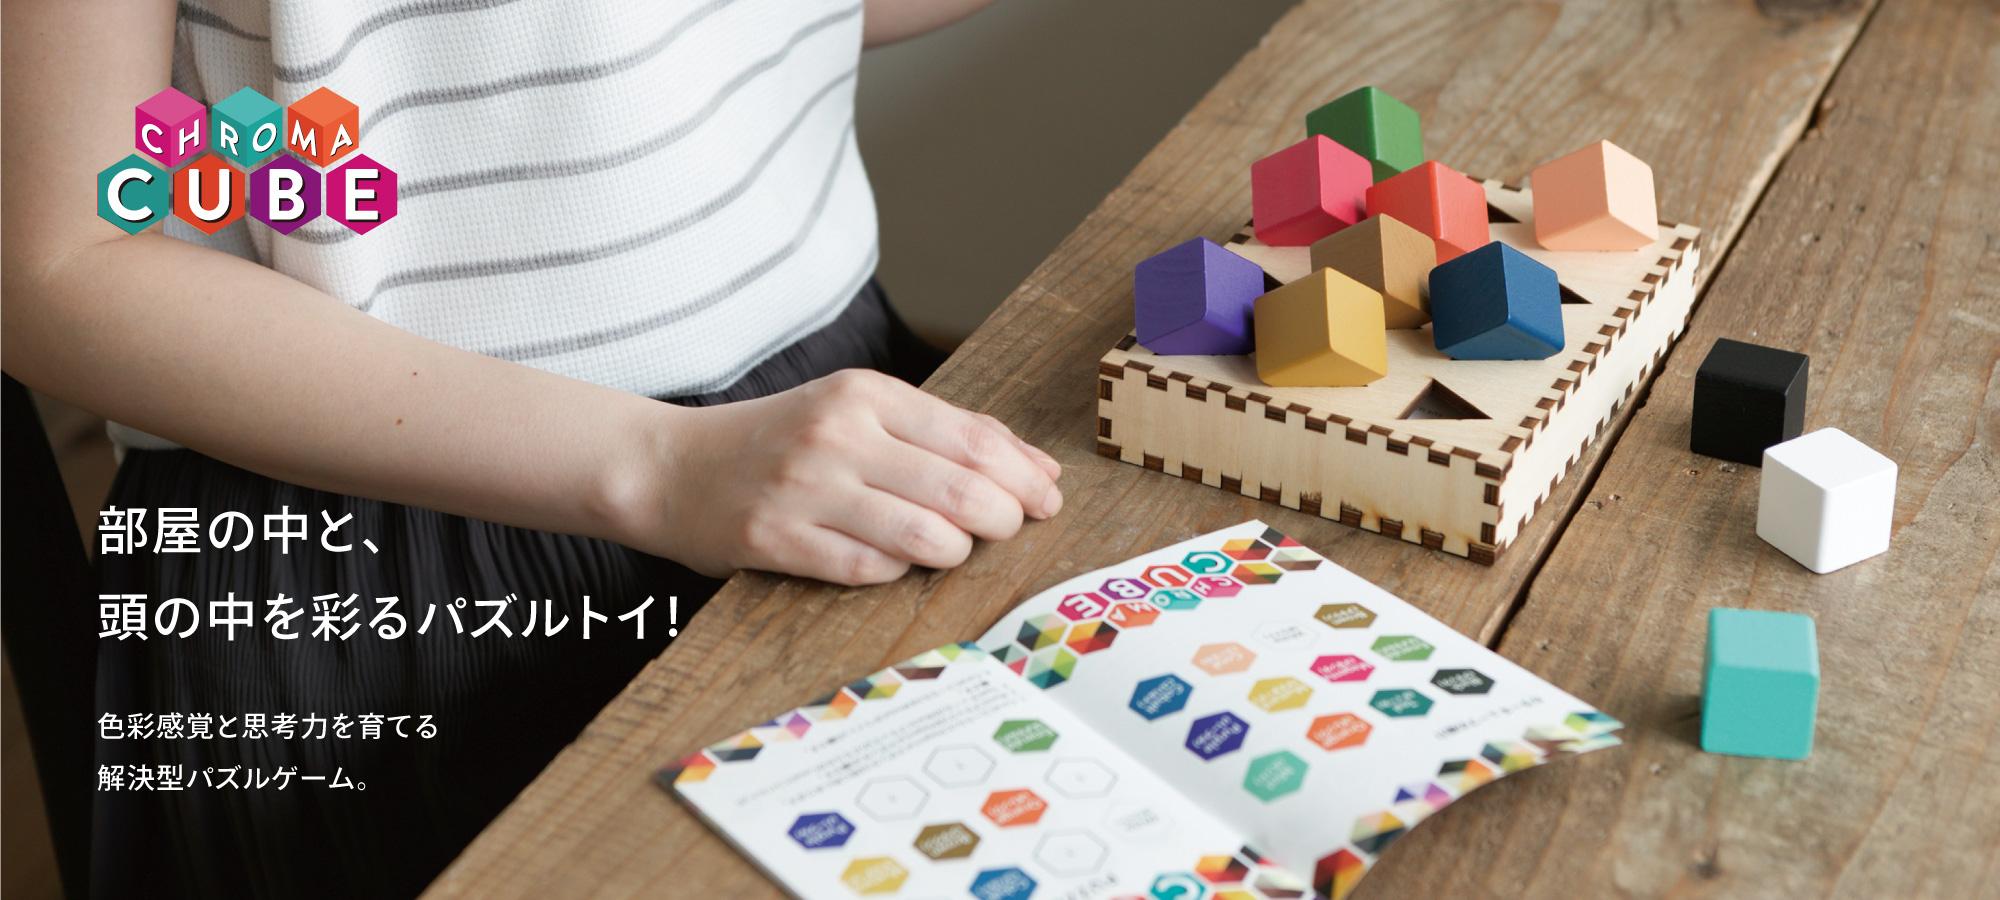 Chroma Cube クロマキューブ